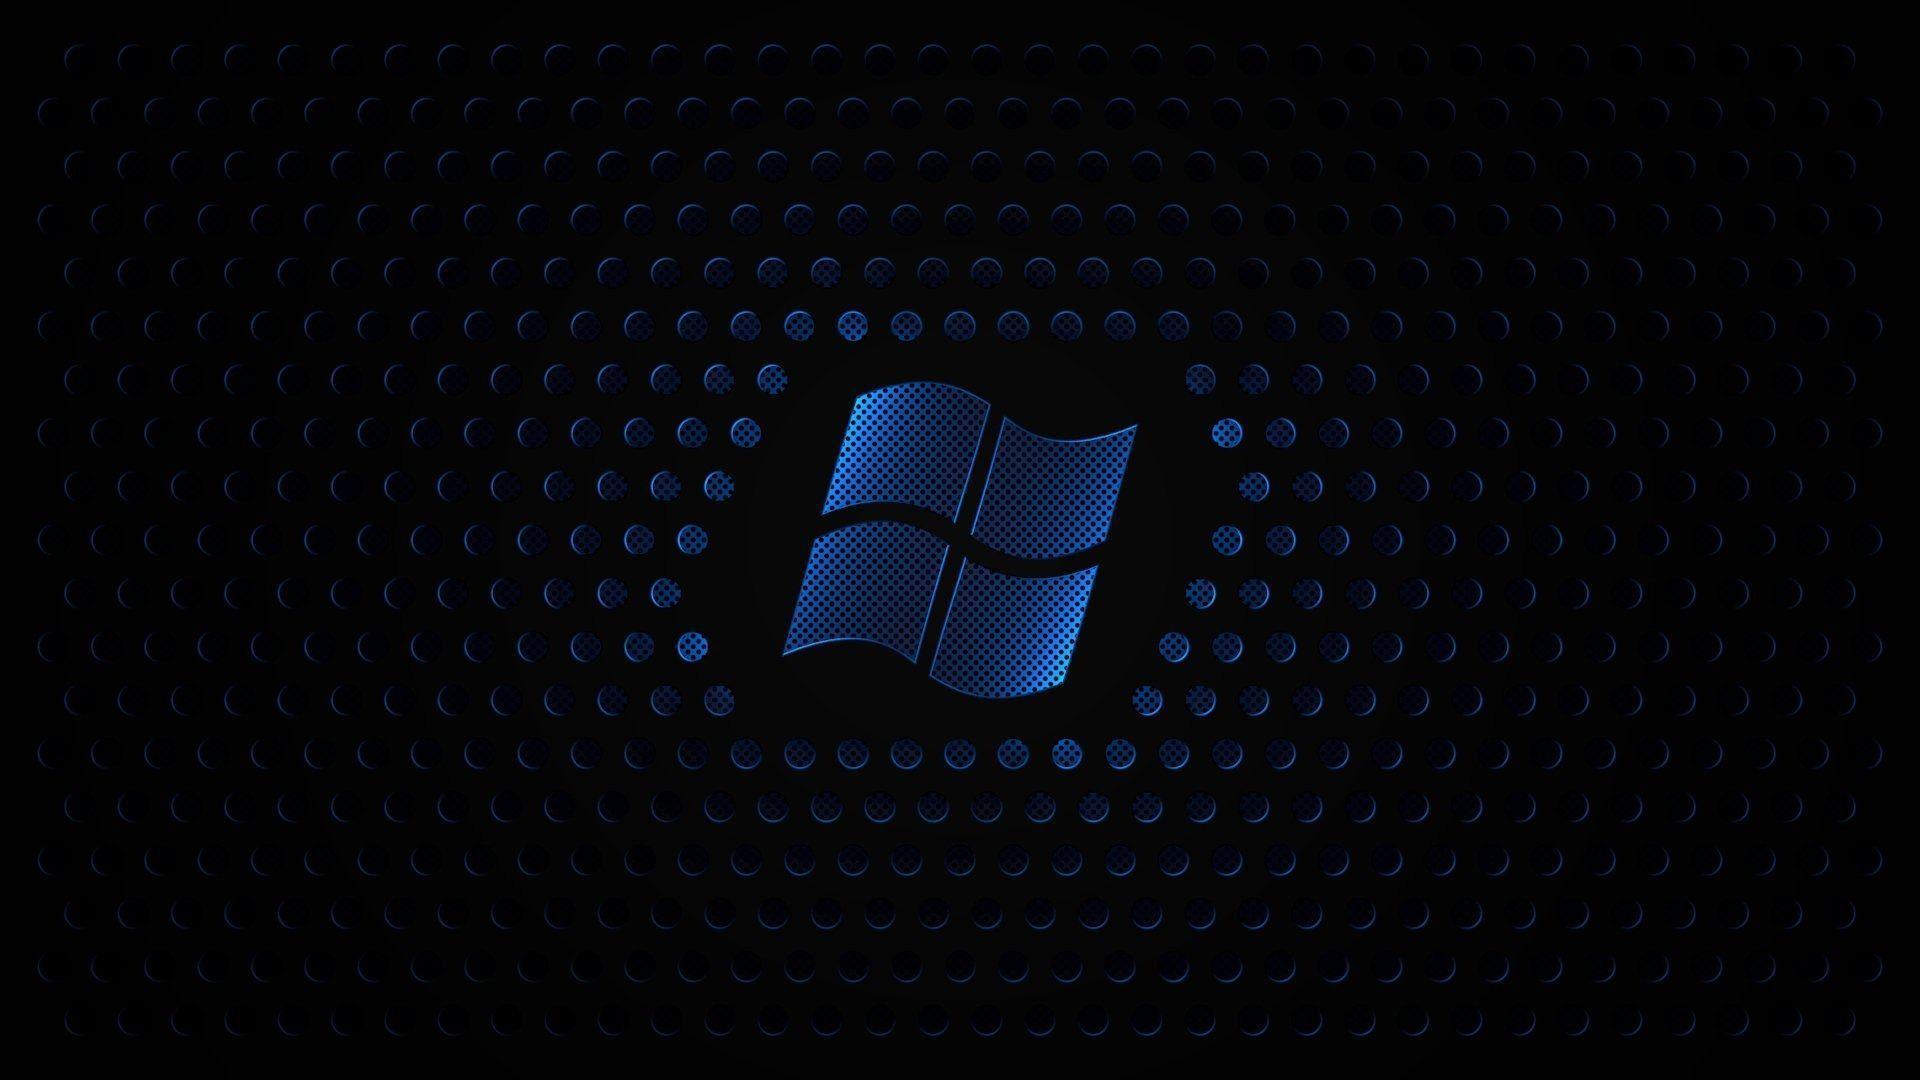 Wallpaper Hd Windows 10 Logo In 2020 Wallpaper Windows 10 Windows 10 Desktop Windows